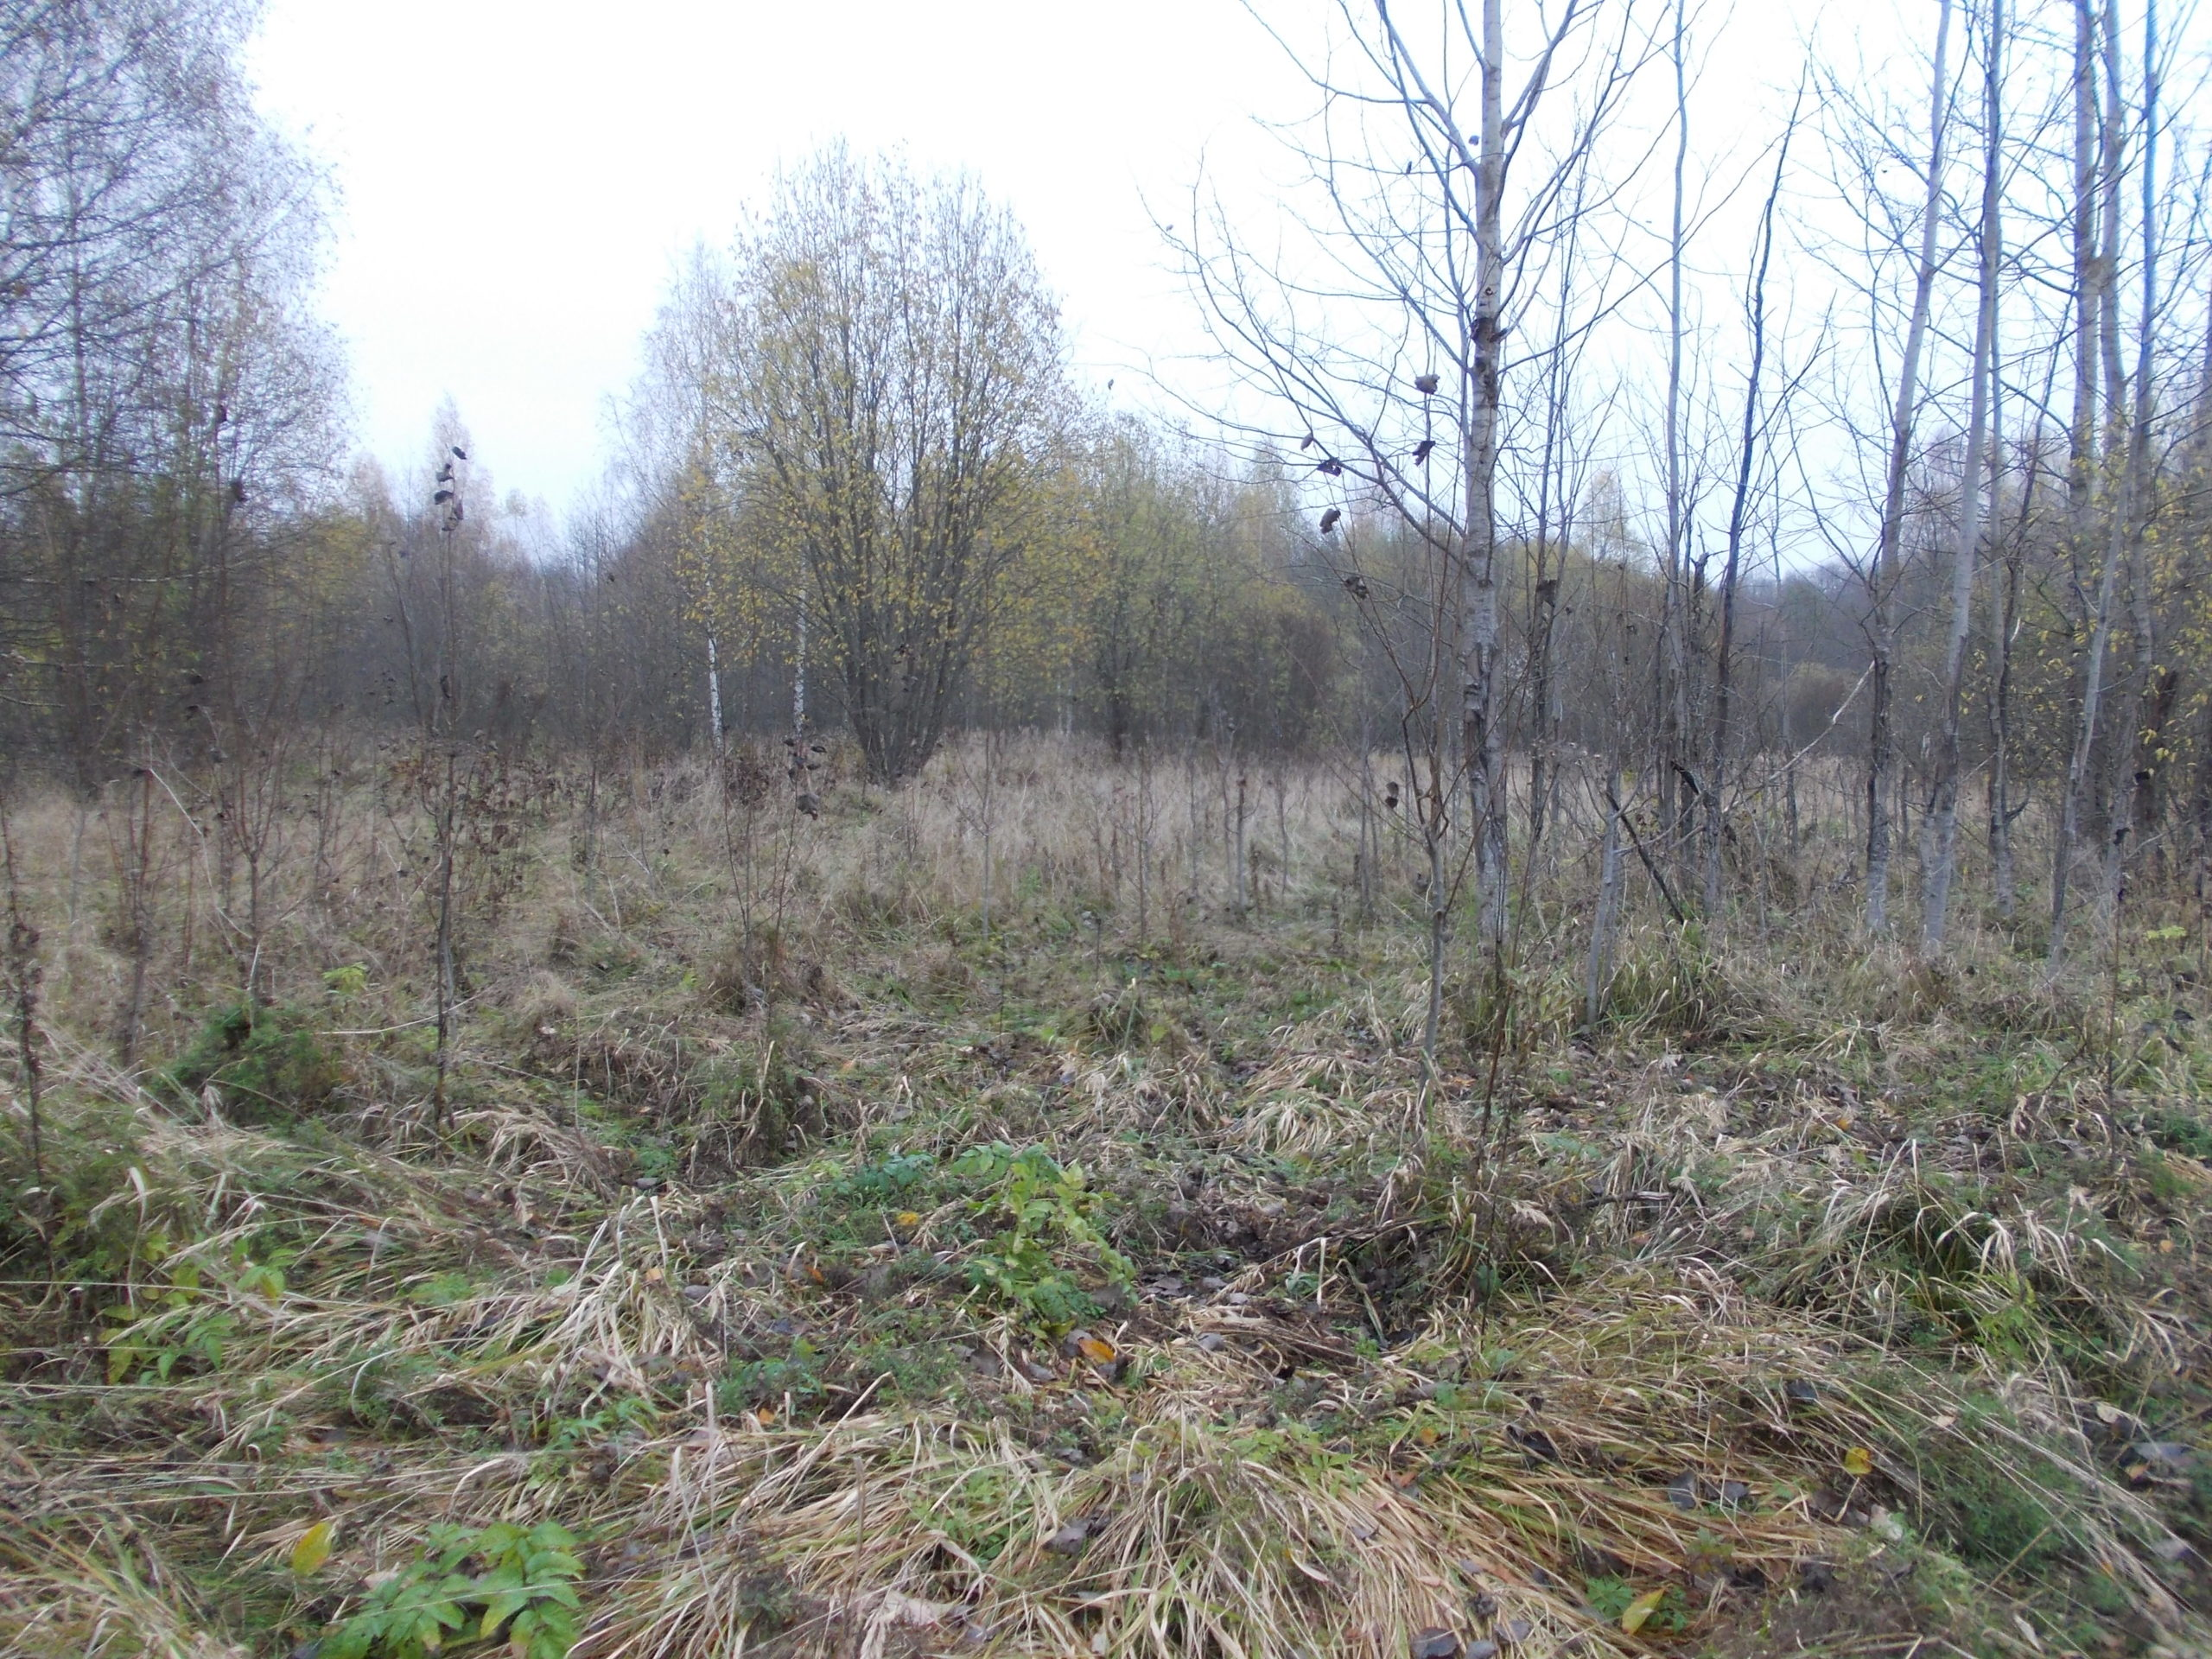 172,9 гектара в Тверской области зарастают бурьяном по вине землевладельца